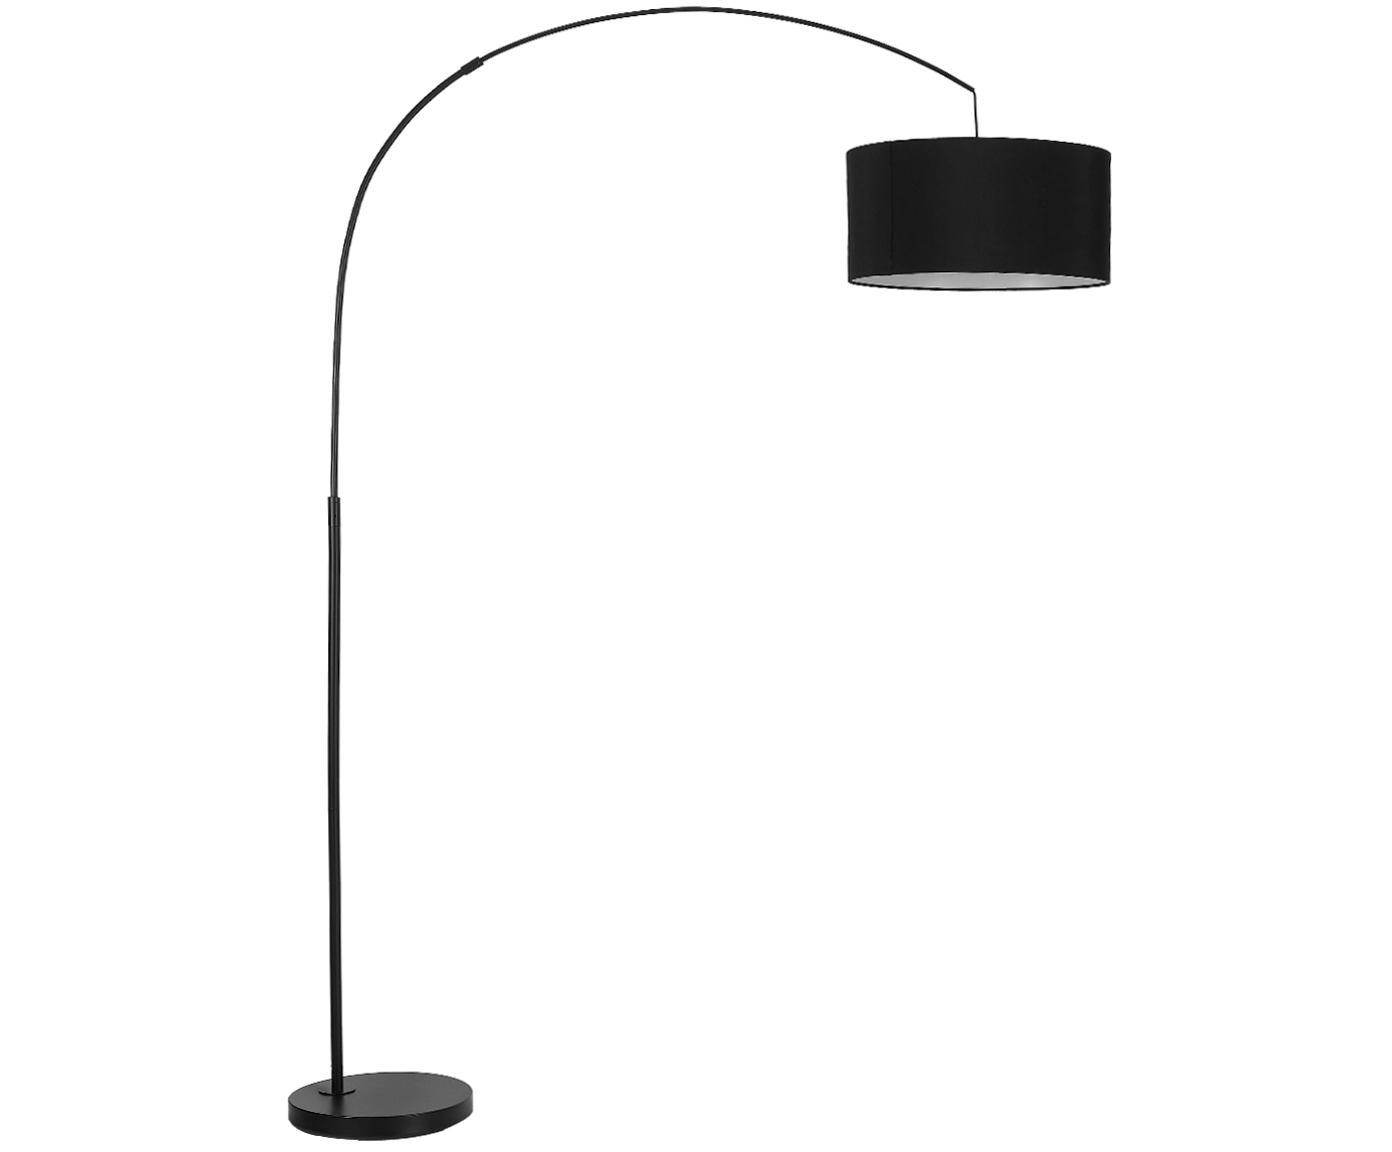 Bogenlampe Niels, Lampenfuß: Metall, pulverbeschichtet, Lampenschirm: Baumwollgemisch, Lampenschirm: SchwarzLampenfuß: Schwarz, mattKabel: Schwarz, 157 x 218 cm